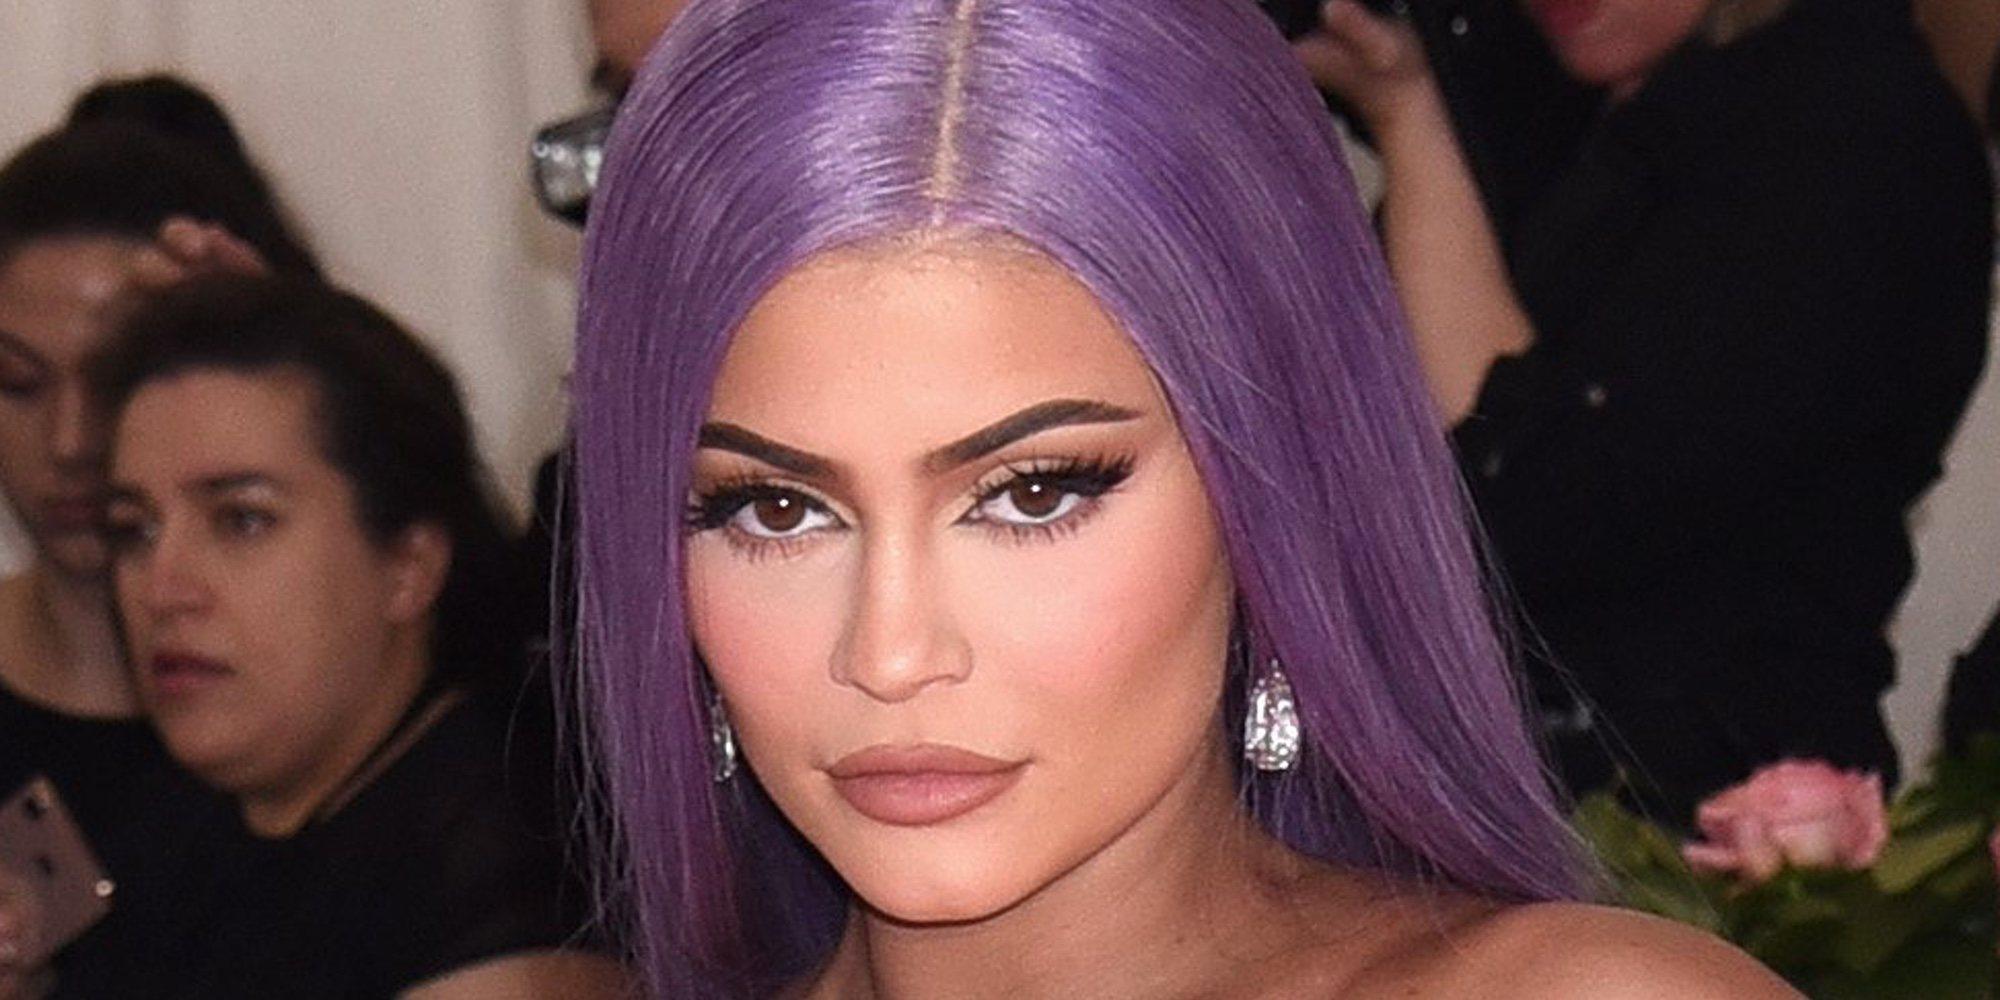 Kylie Jenner habla de Jordyn Woods y su escándalo con Tristan Thompson en el adelanto de 'KUWTK'